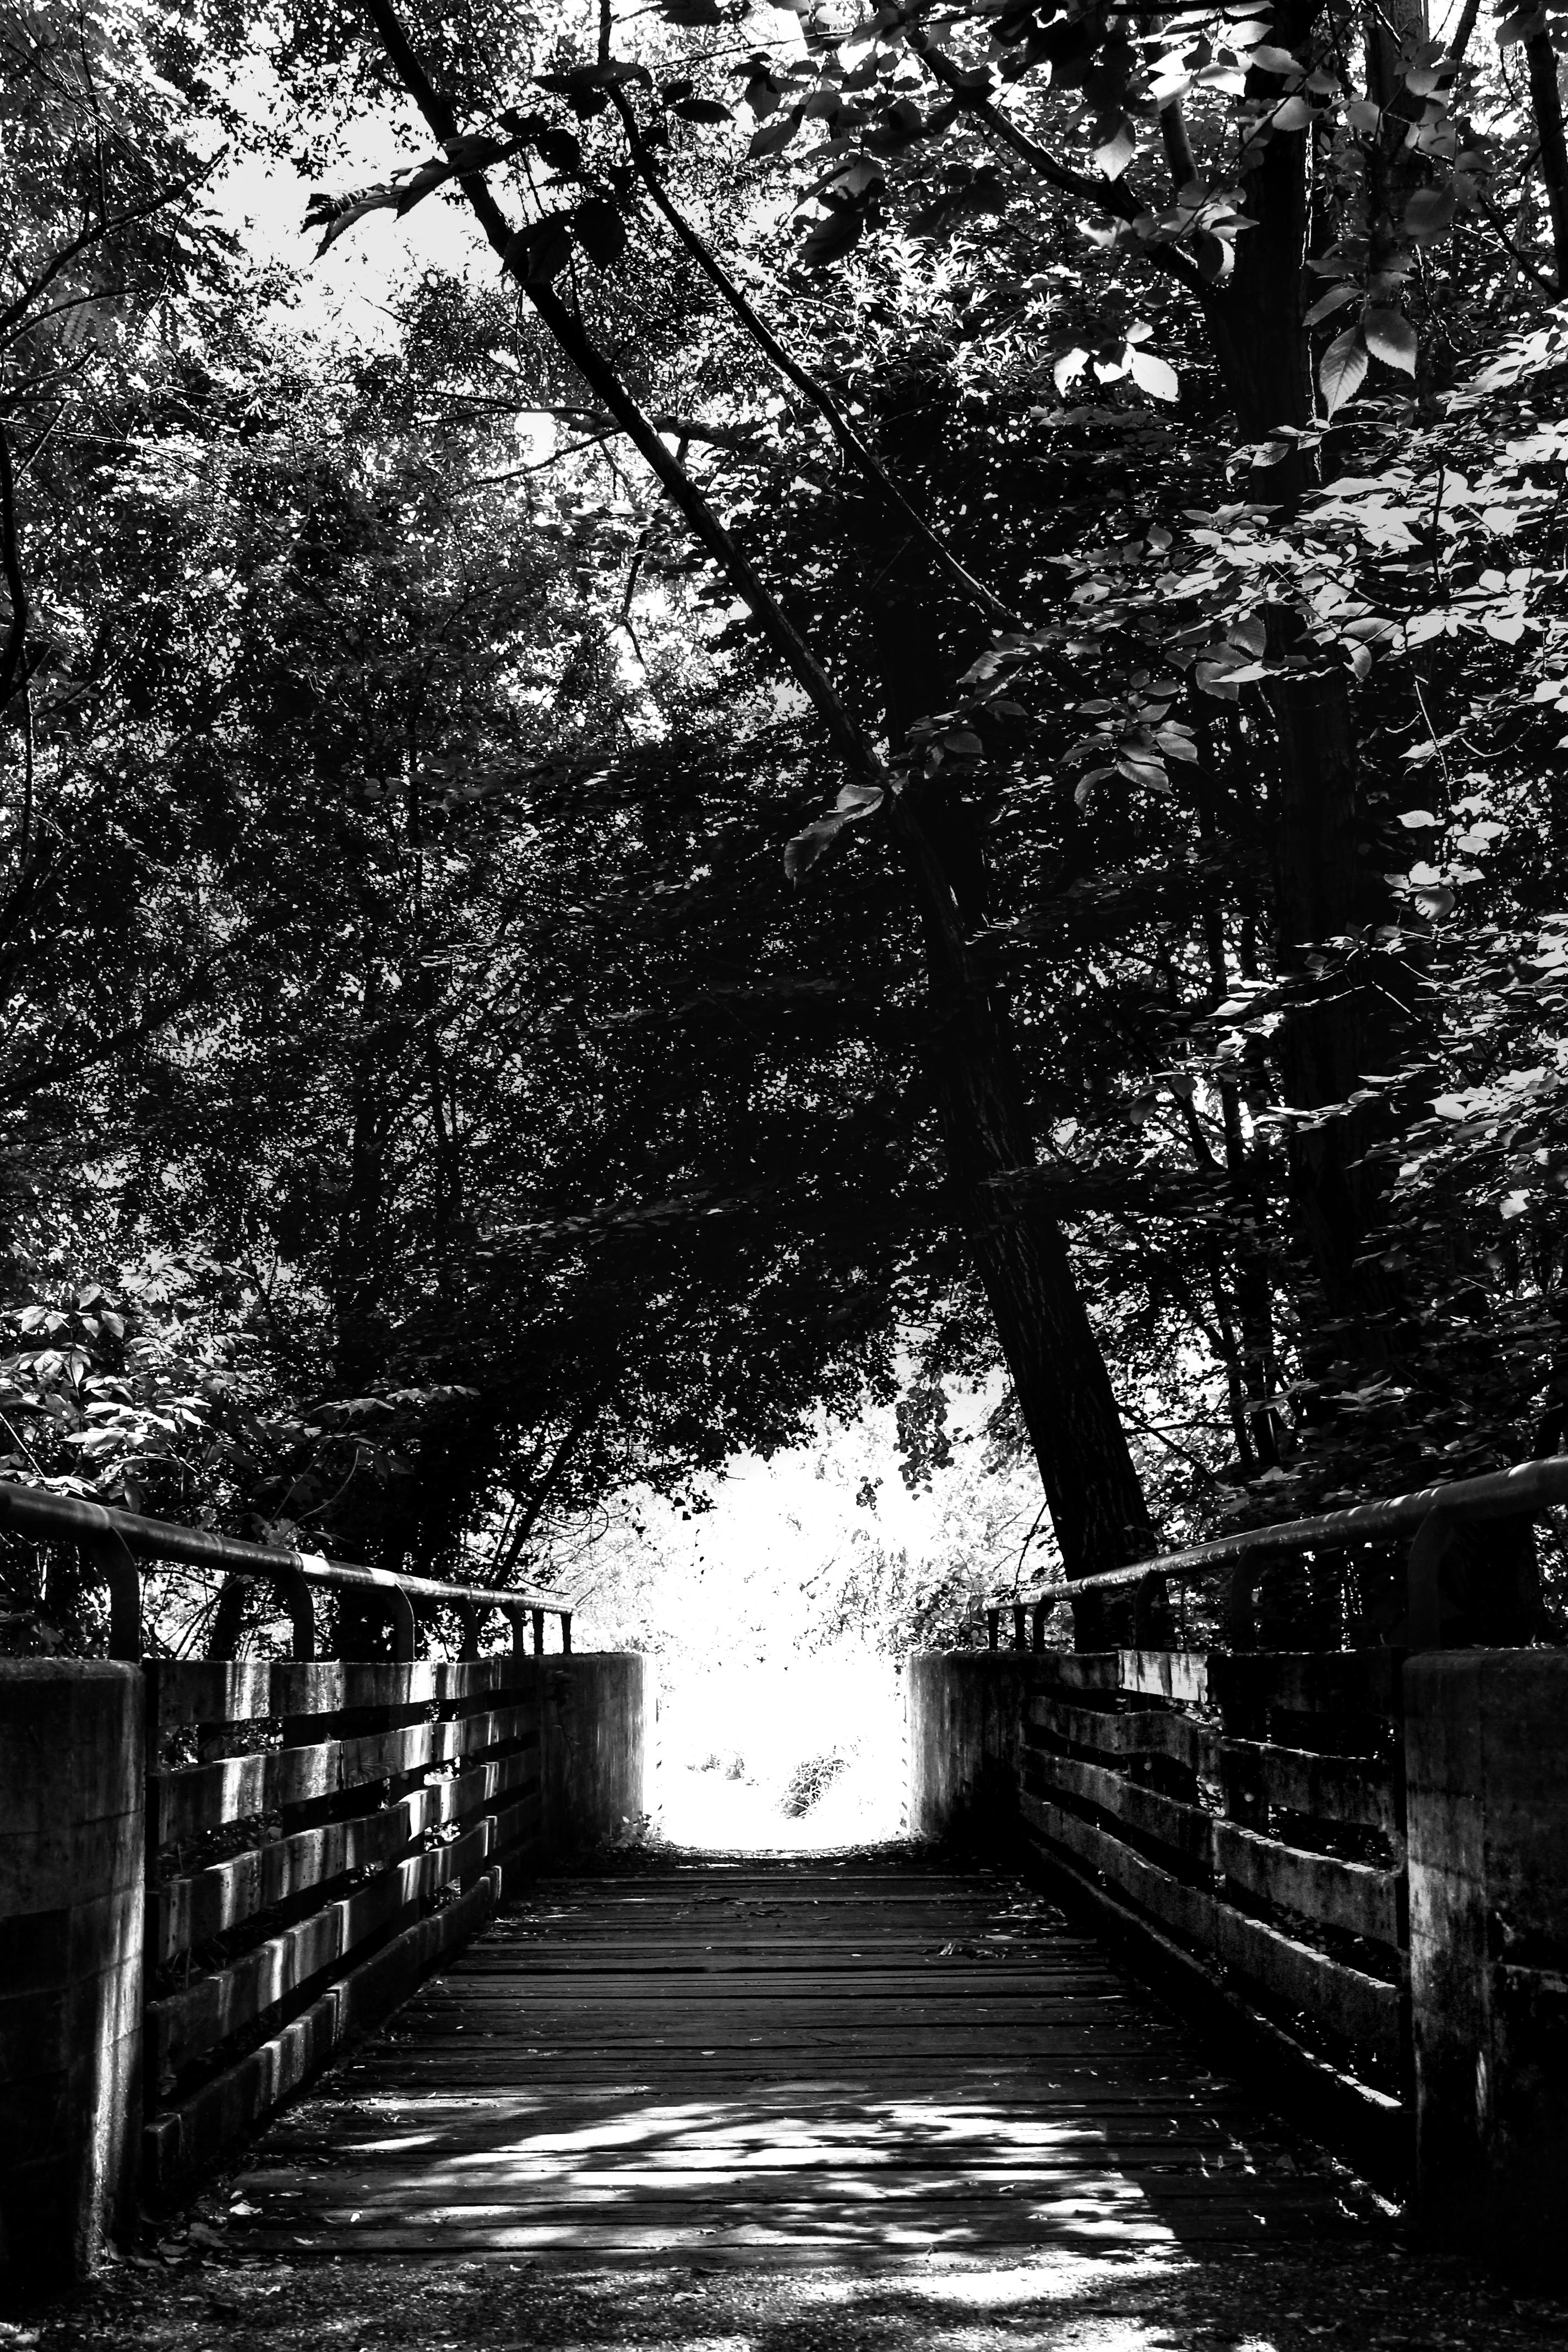 ponte nel bosco con gli alberi in una giornata di sole